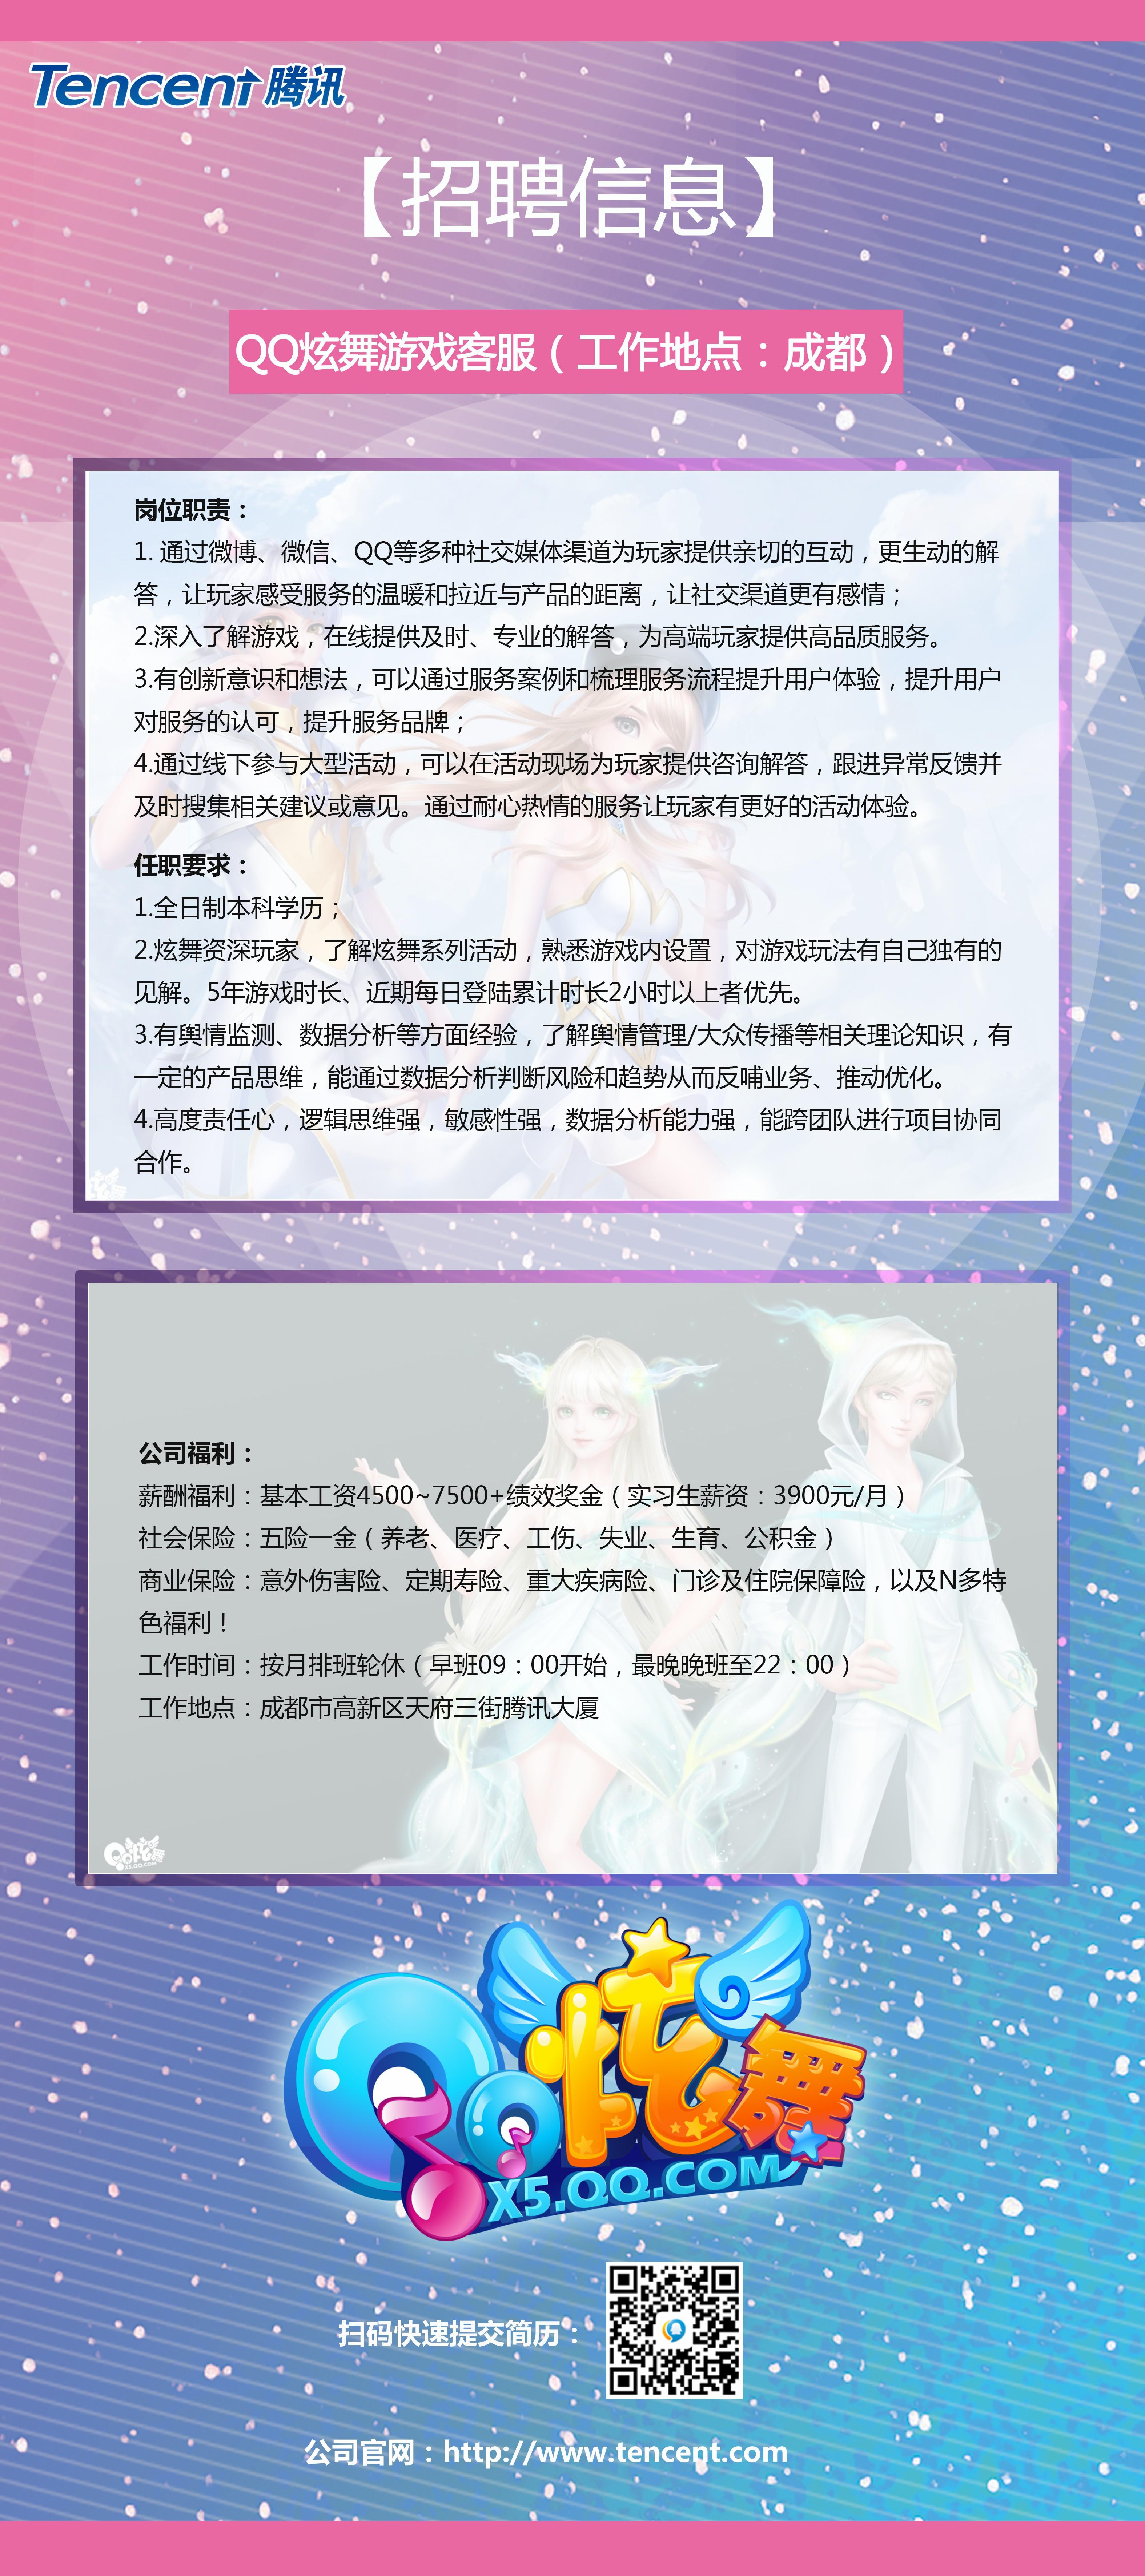 qq三国自助客服系统_QQ炫舞游戏客服招募-QQ炫舞官方网站-腾讯游戏